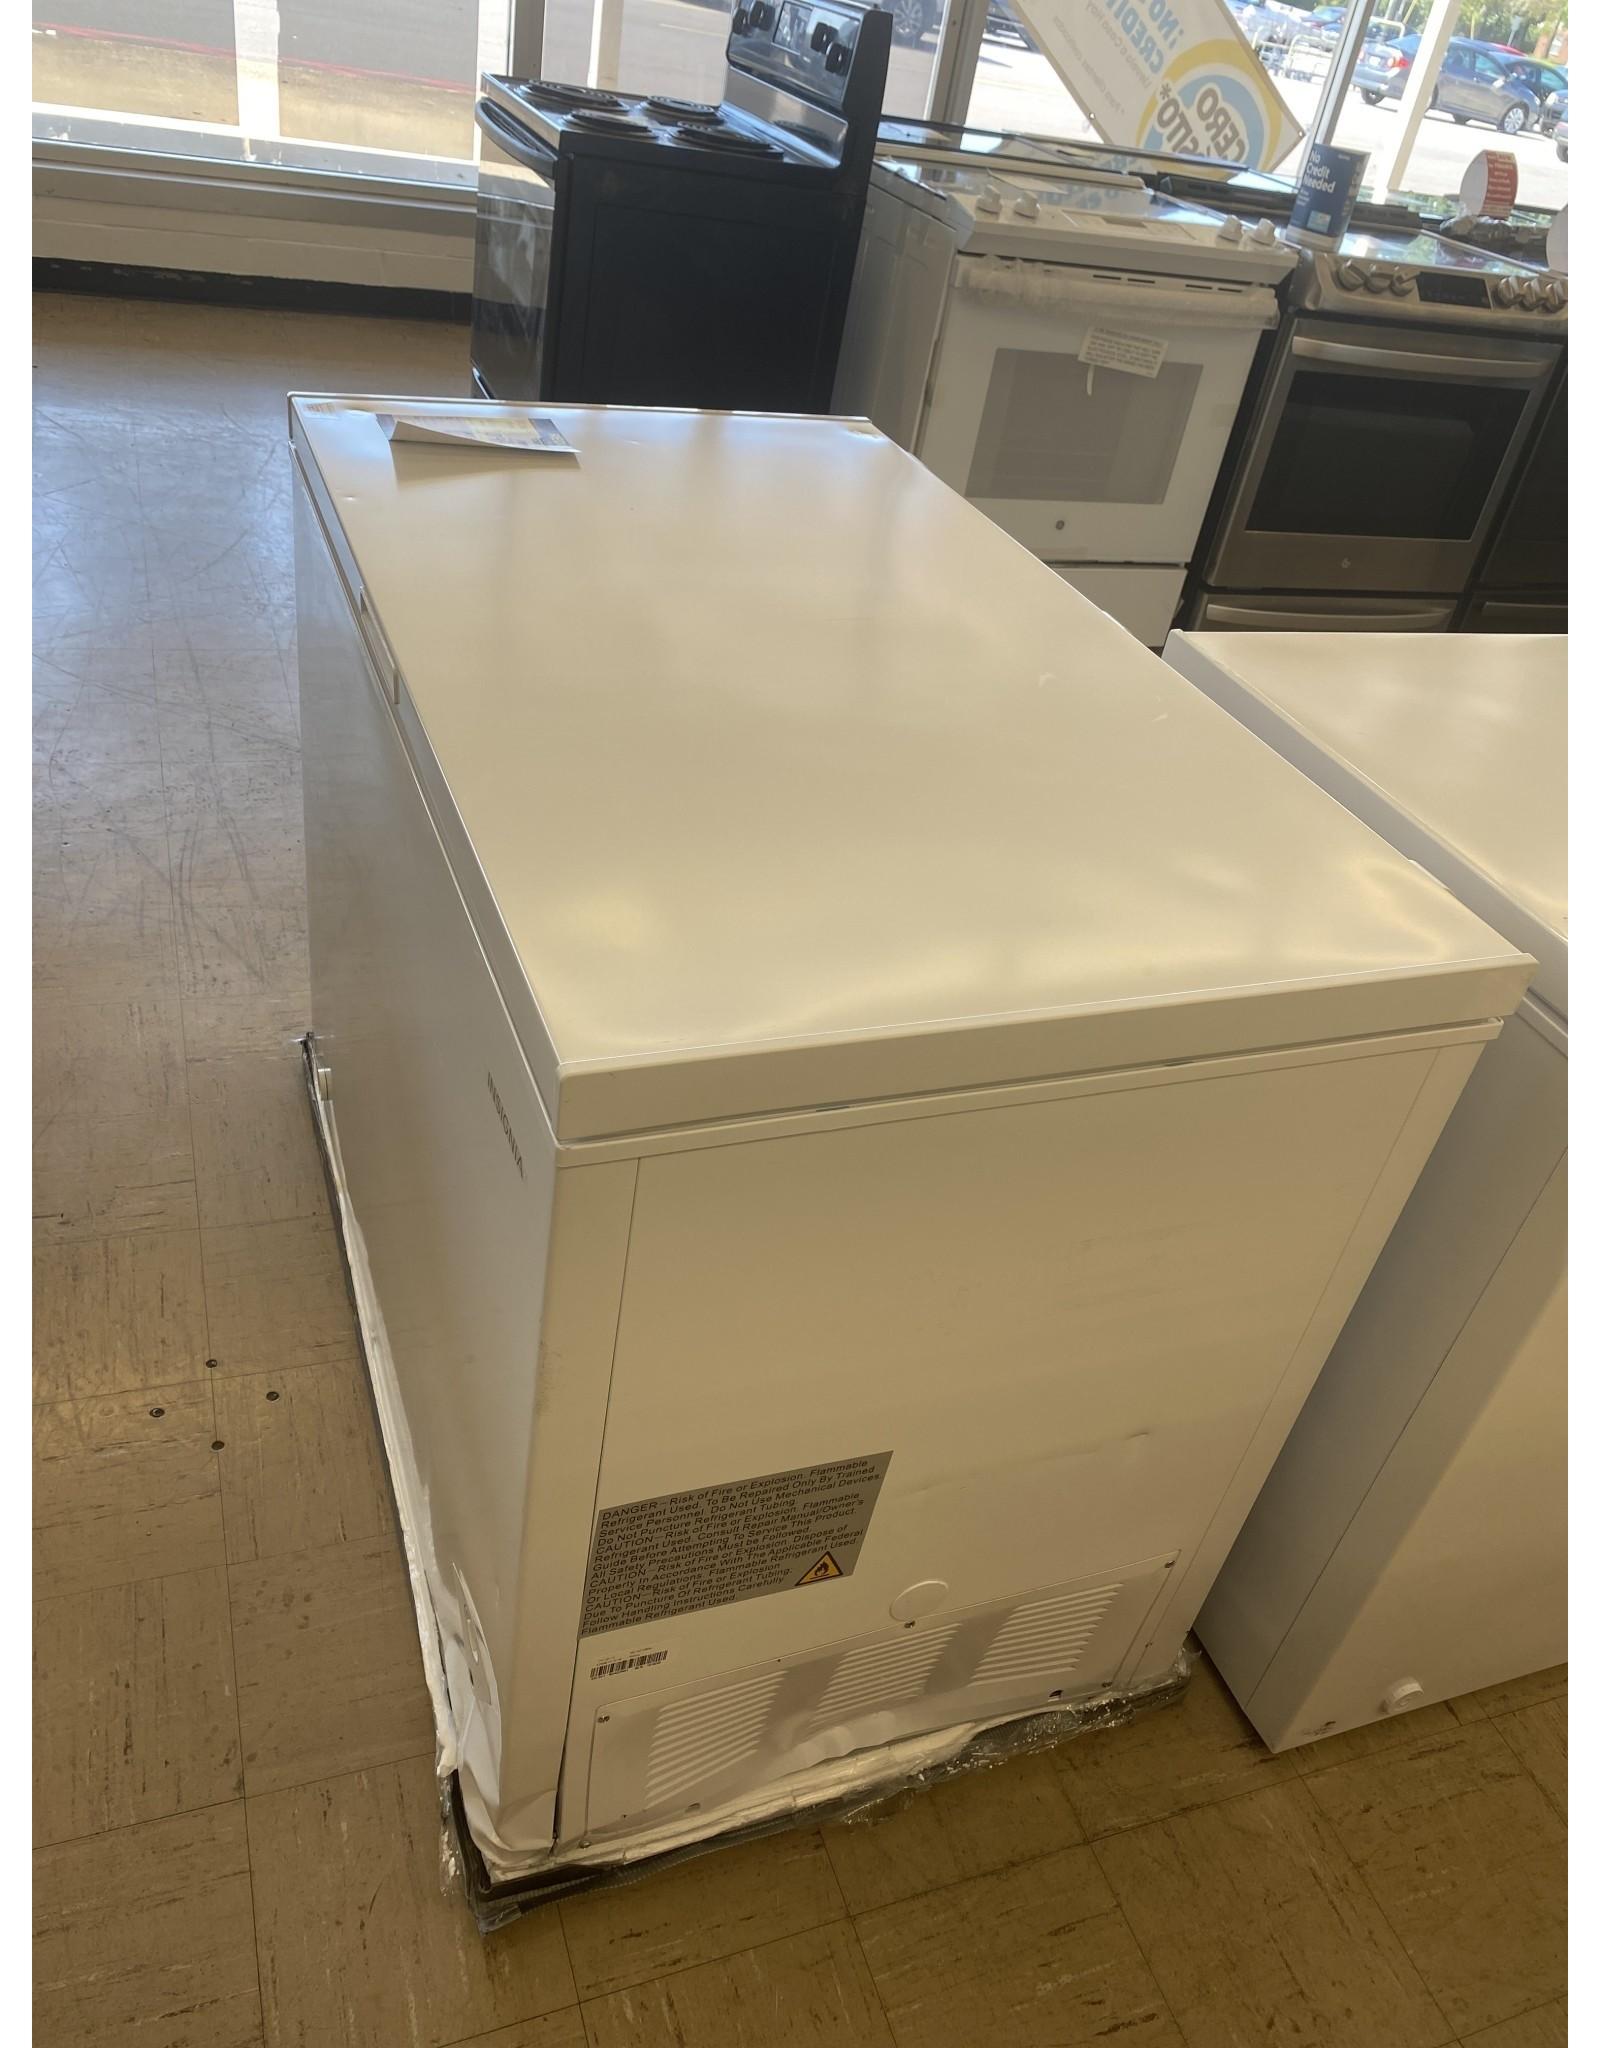 Insignia™ Insignia - 10.2 Cu. Ft. Chest Freezer - White Model: NS-CZ10WH6